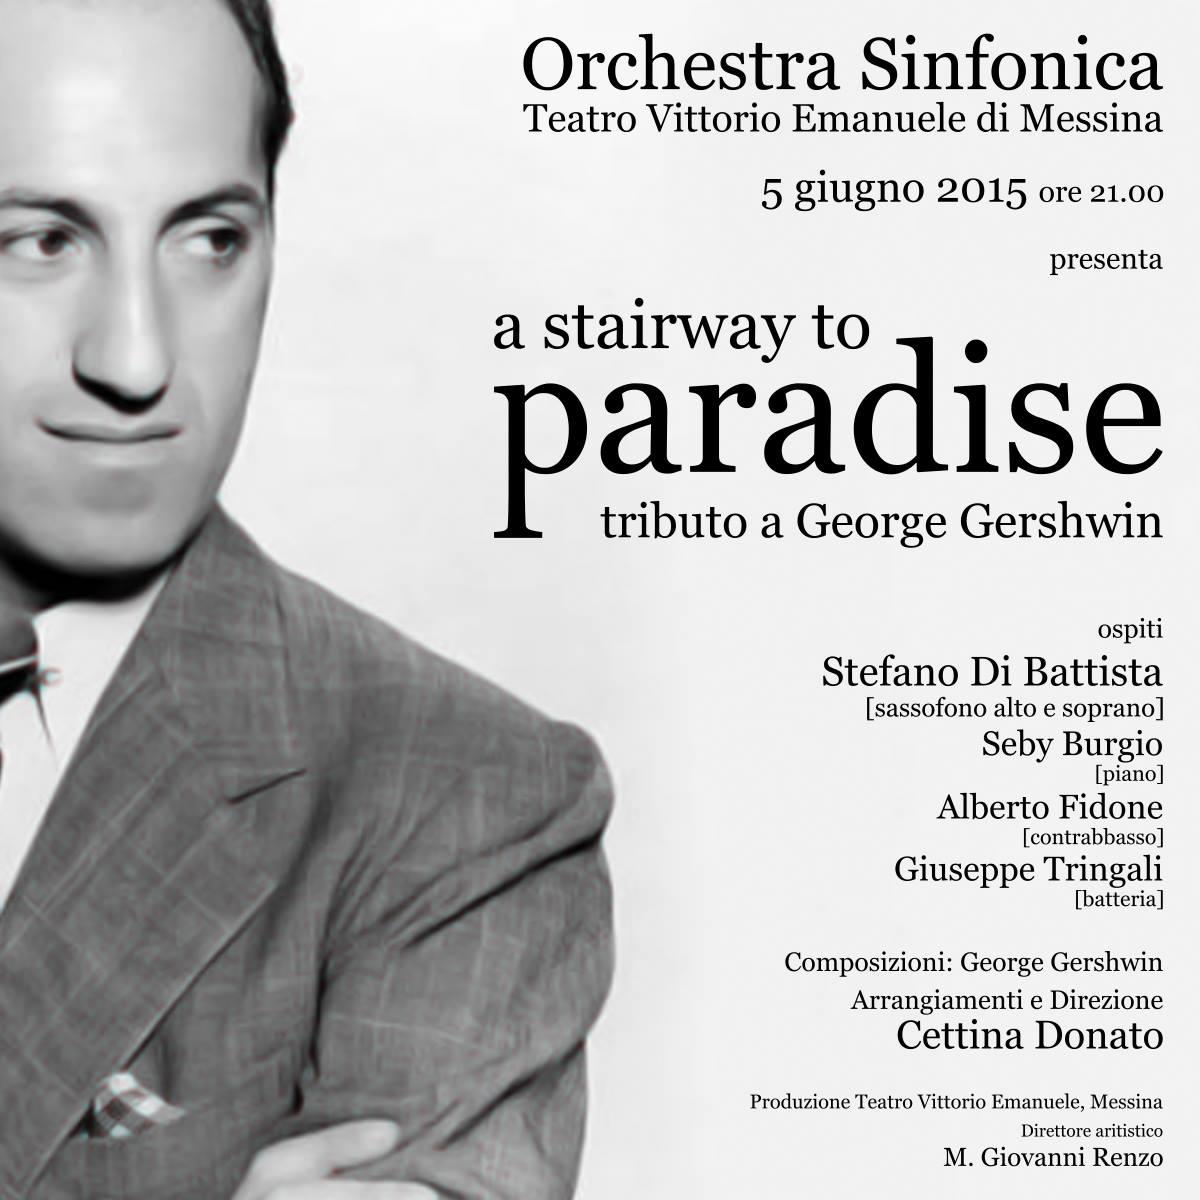 Stefano Di Battista_Cettina Donato_Urban Fabula